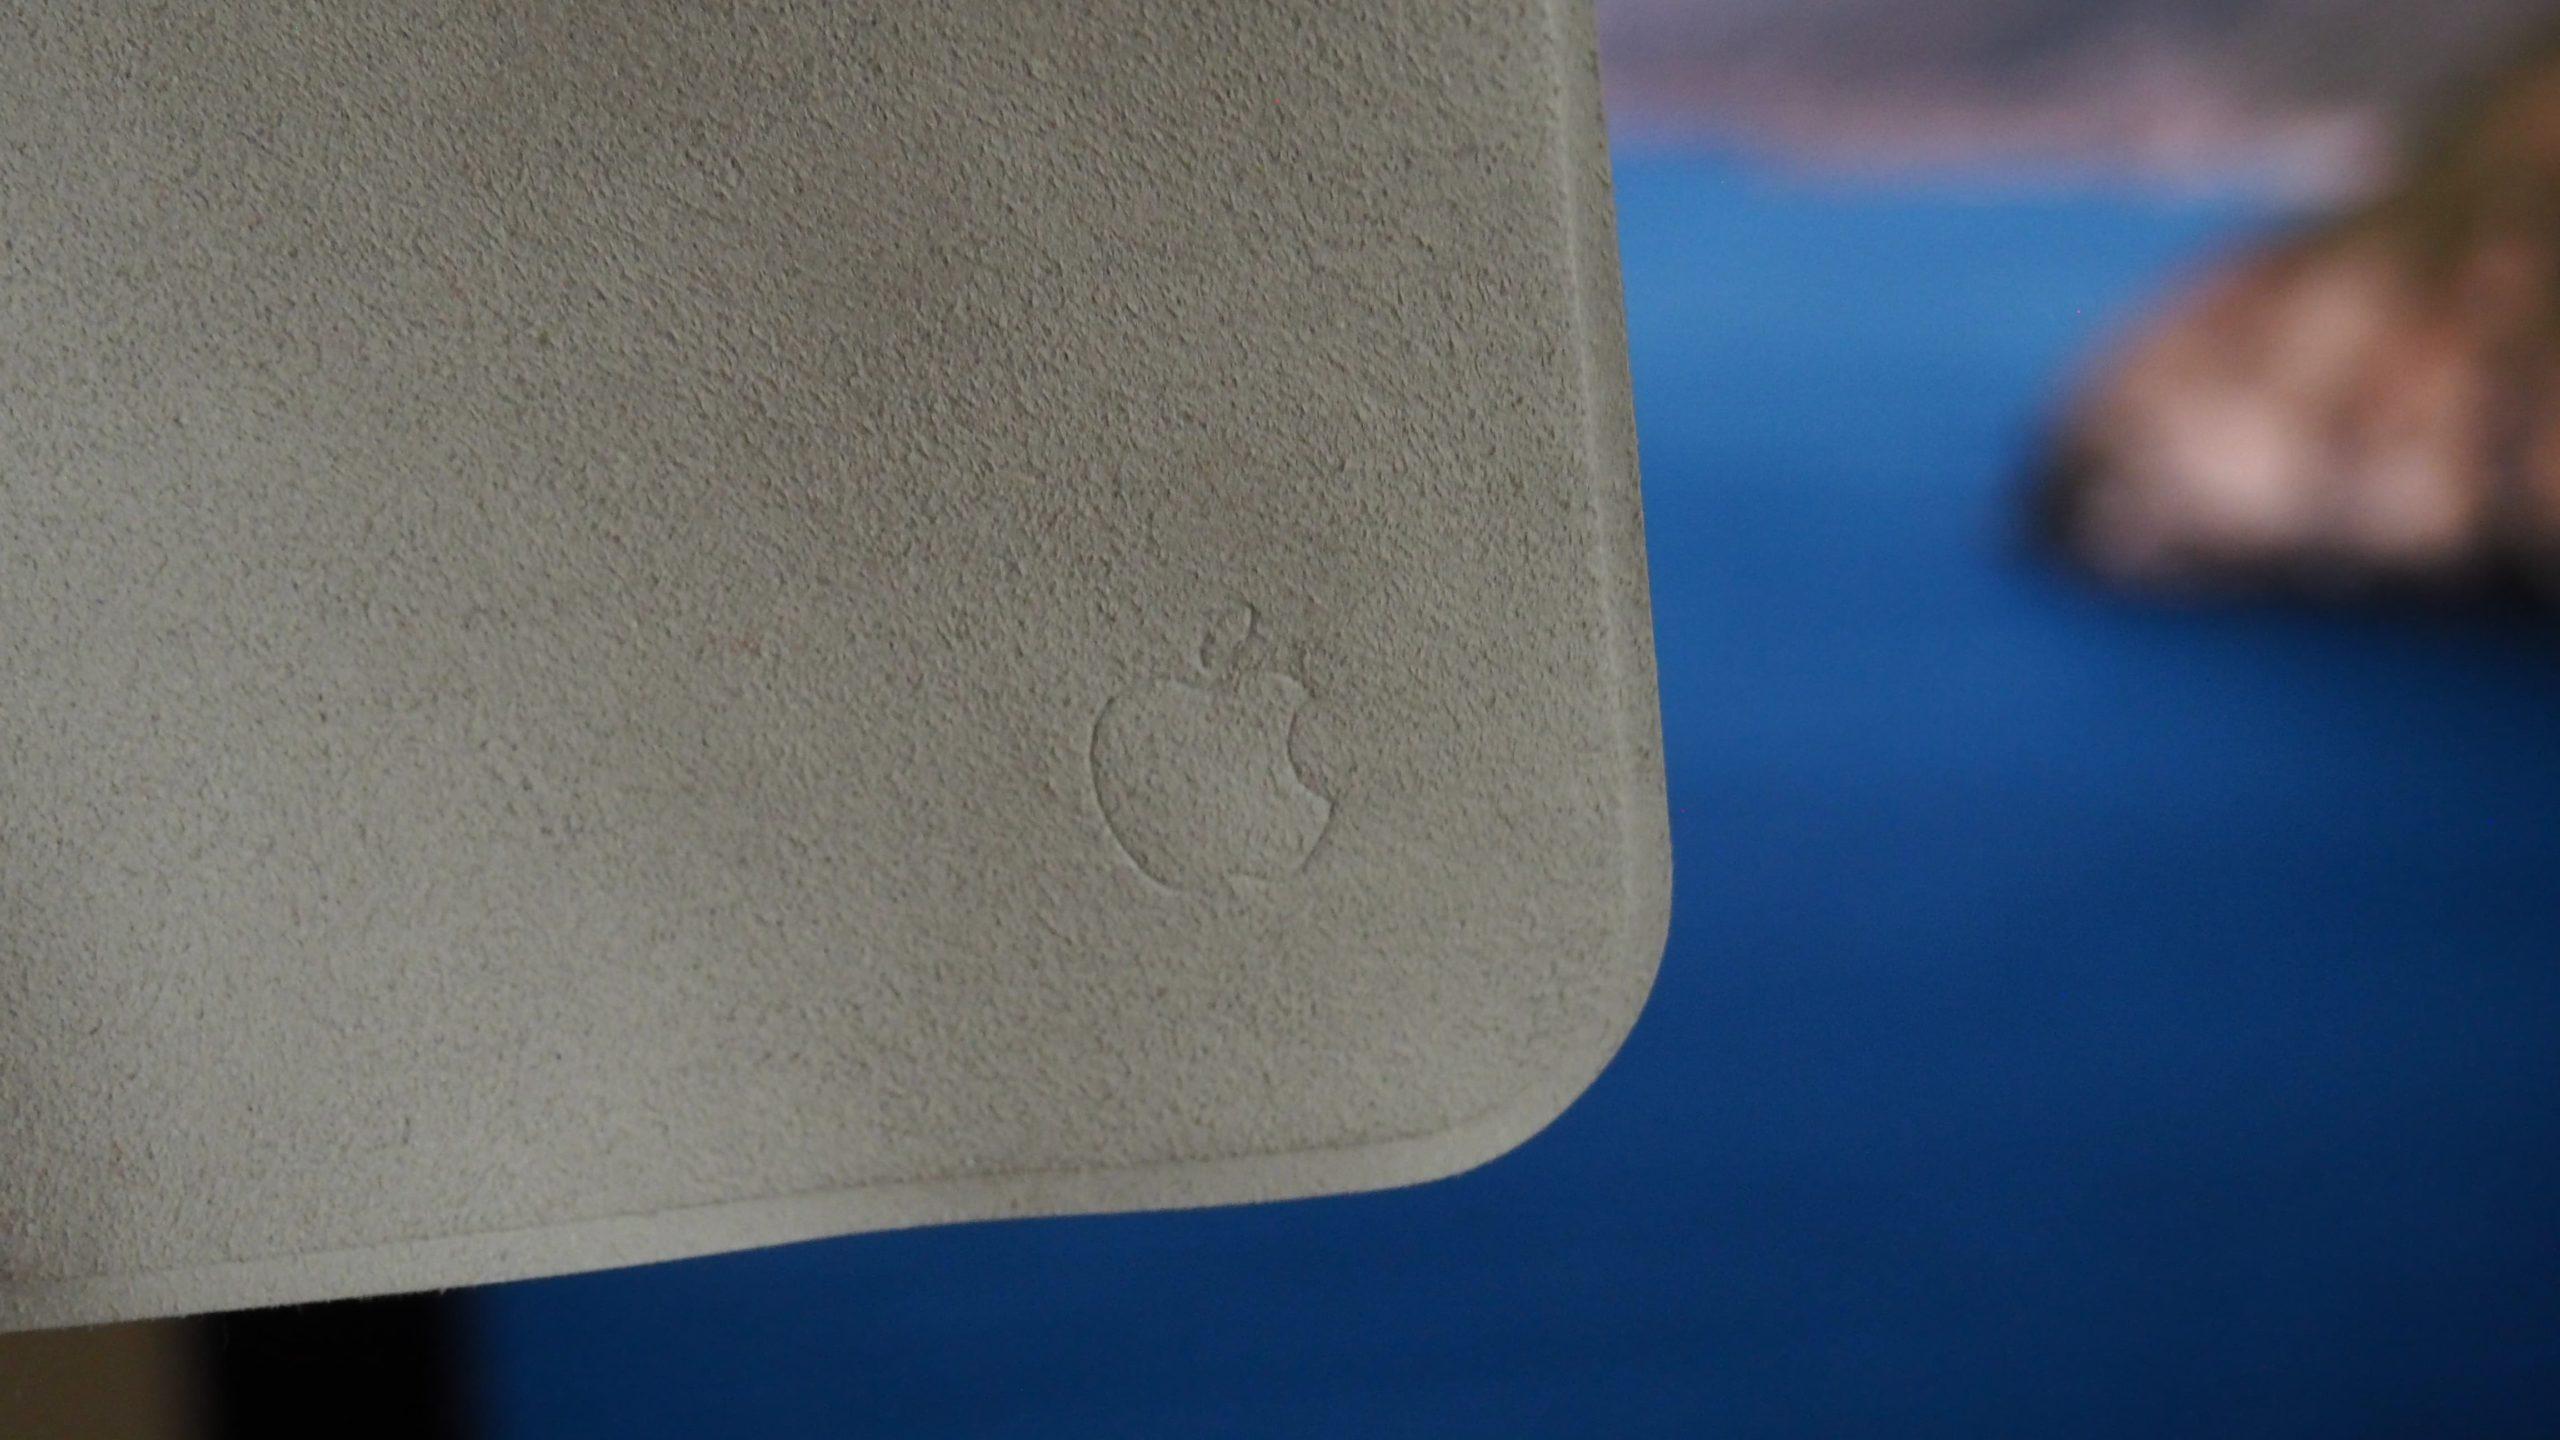 Detalhe do pano que acompanha o iMac de 27 polegadas. Crédito: Caitlin McGarry/Gizmodo